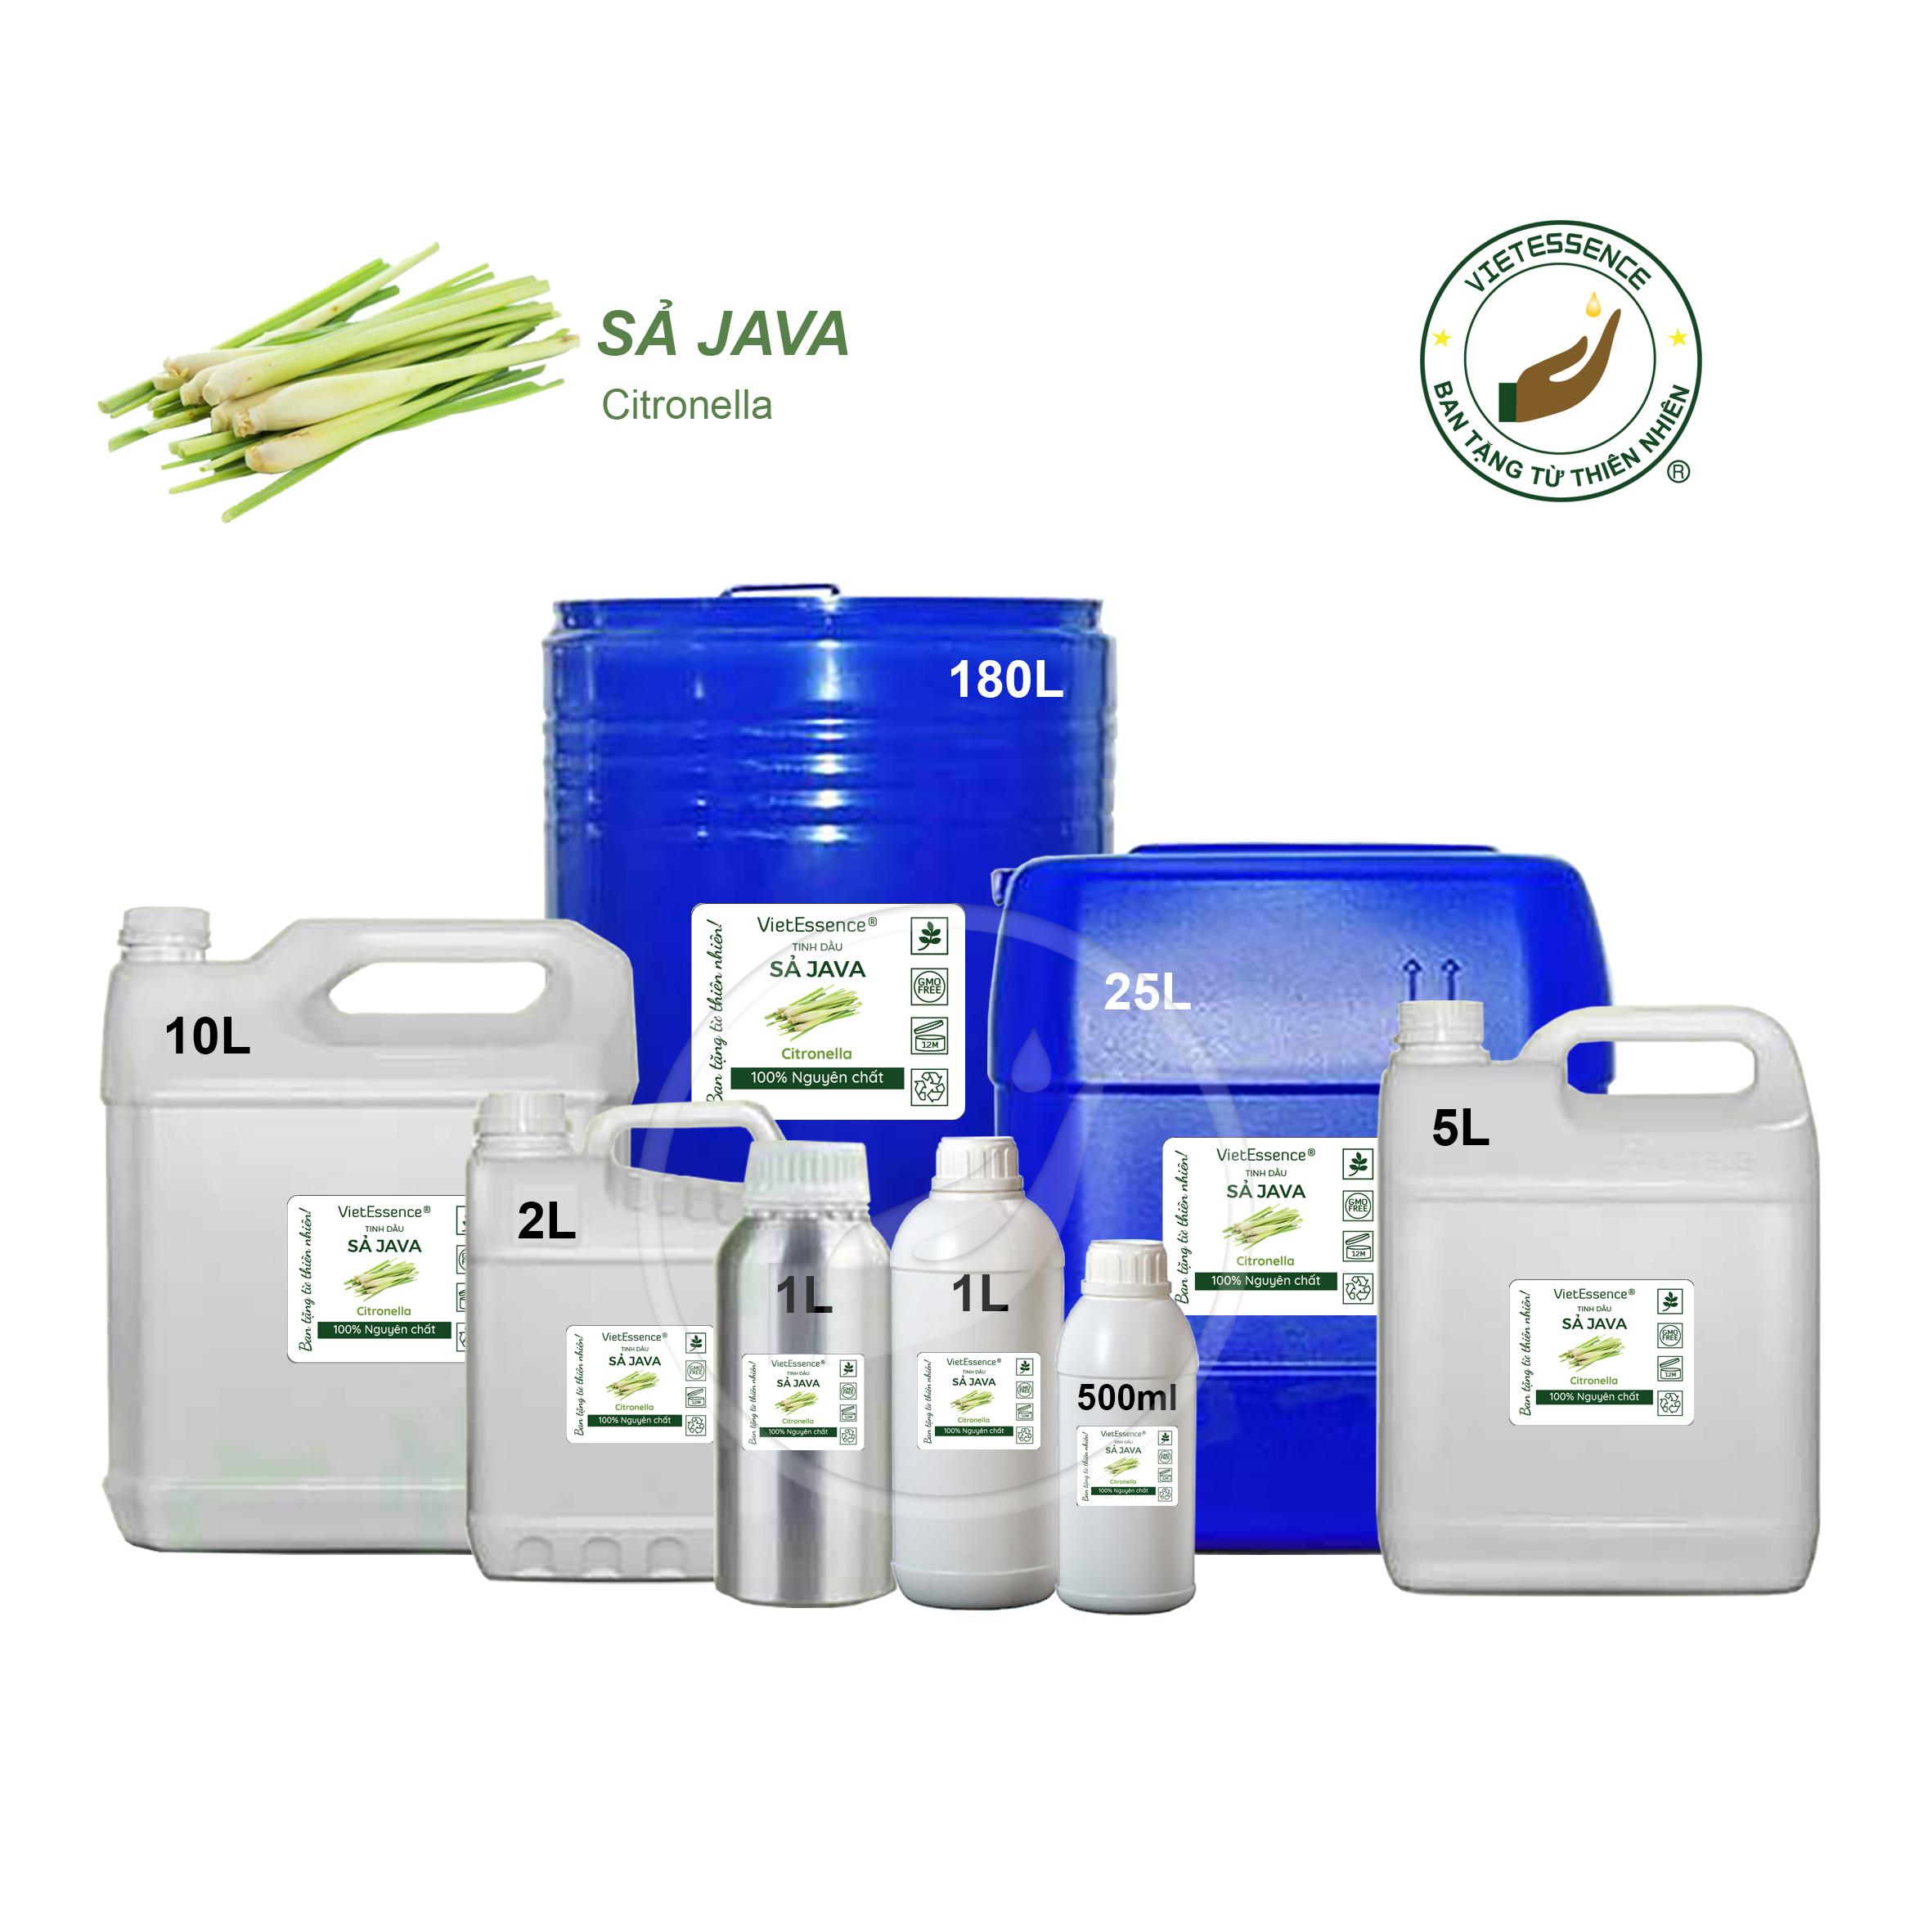 tinh dầu Sả Java số lượng lớn